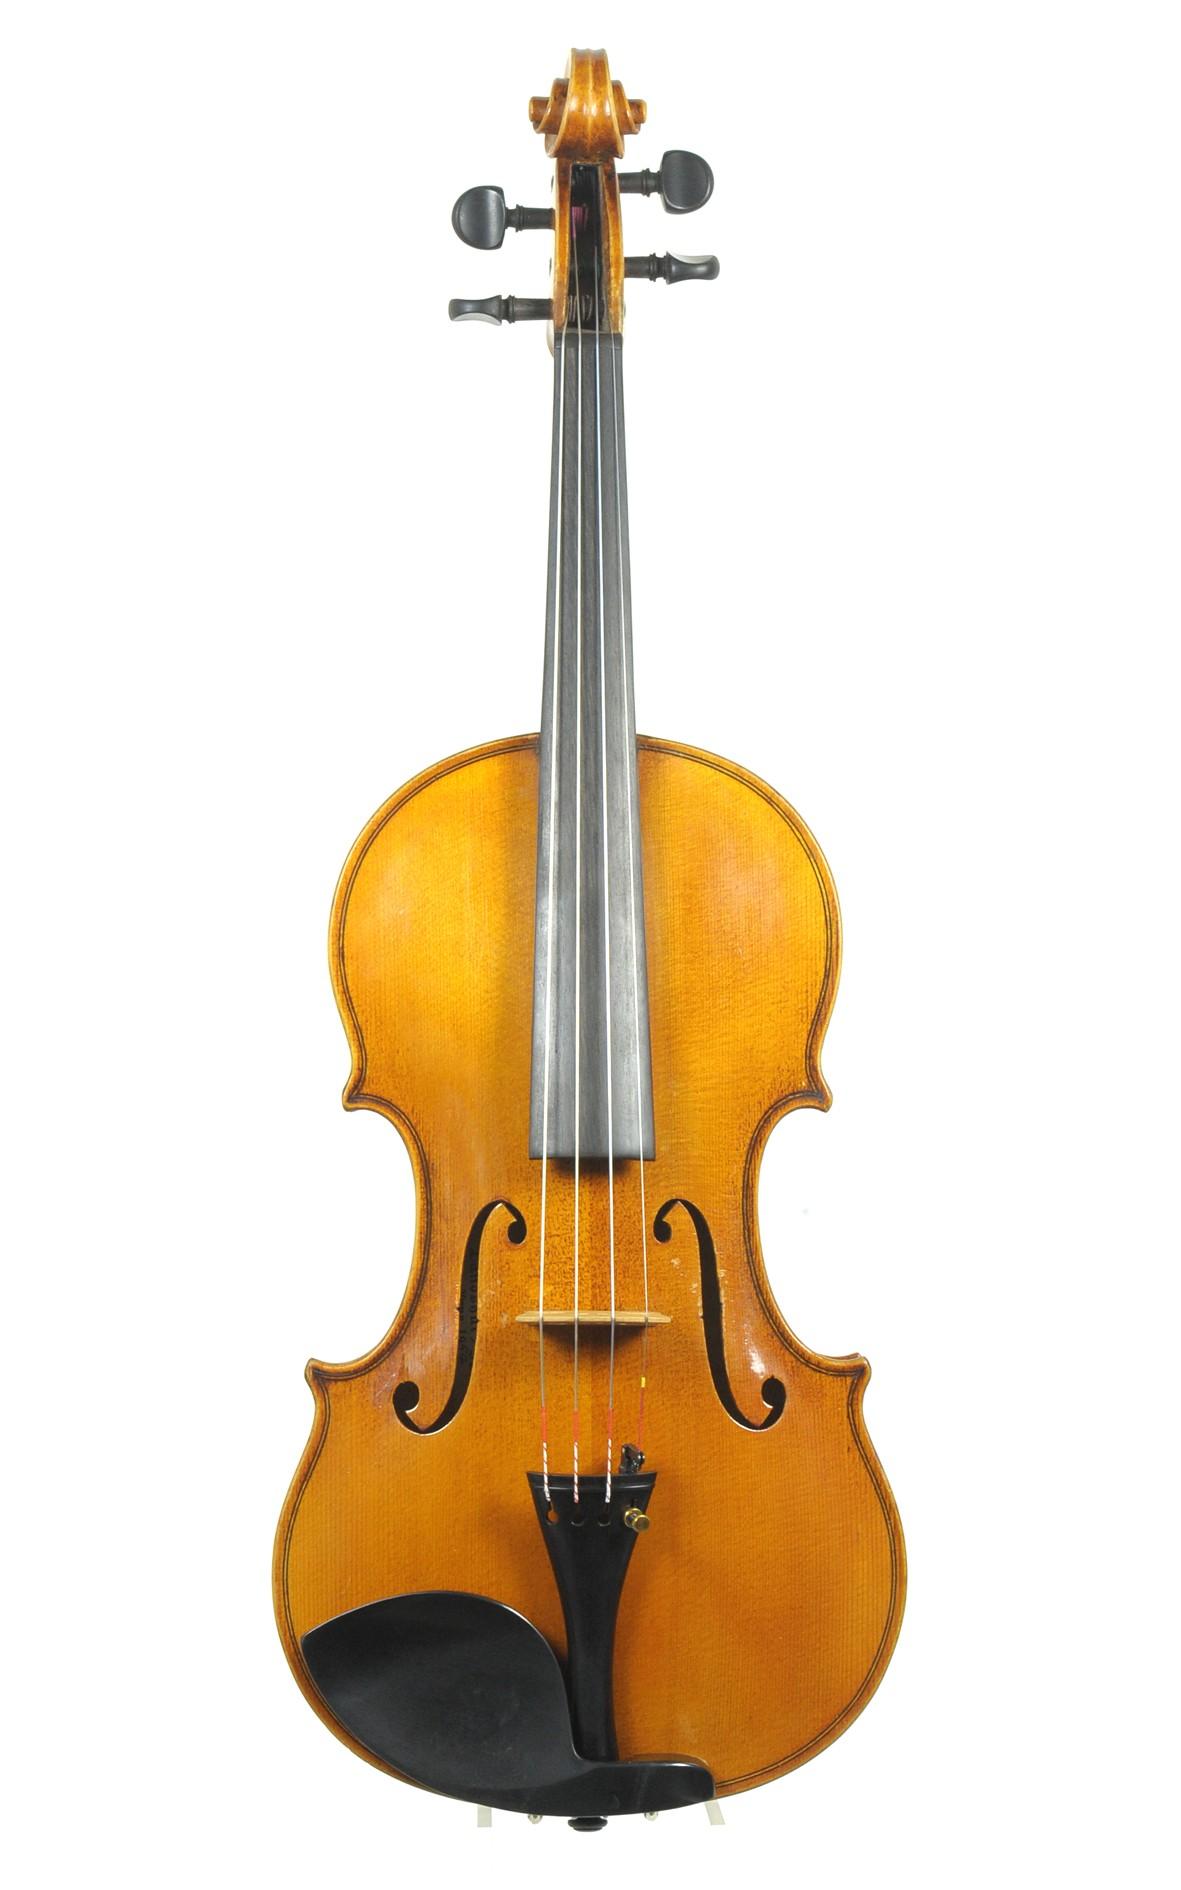 Bavarian violin by Max Krauss, Landshut 1954. Two piece top of medium grained spruce.